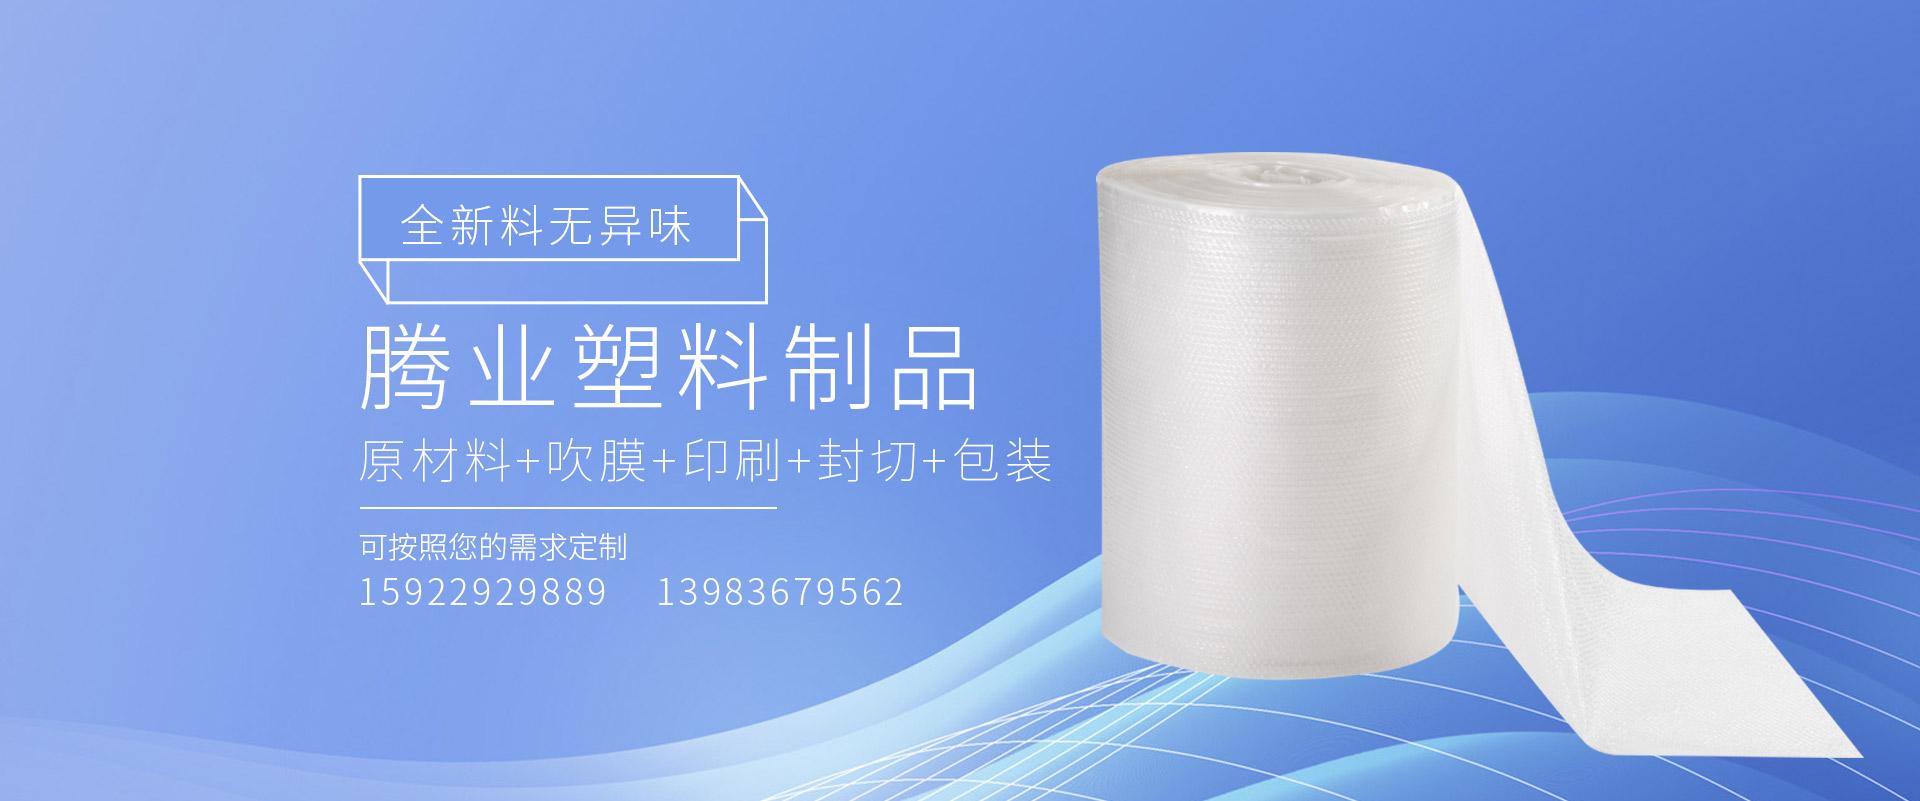 重庆pe塑料袋厂家